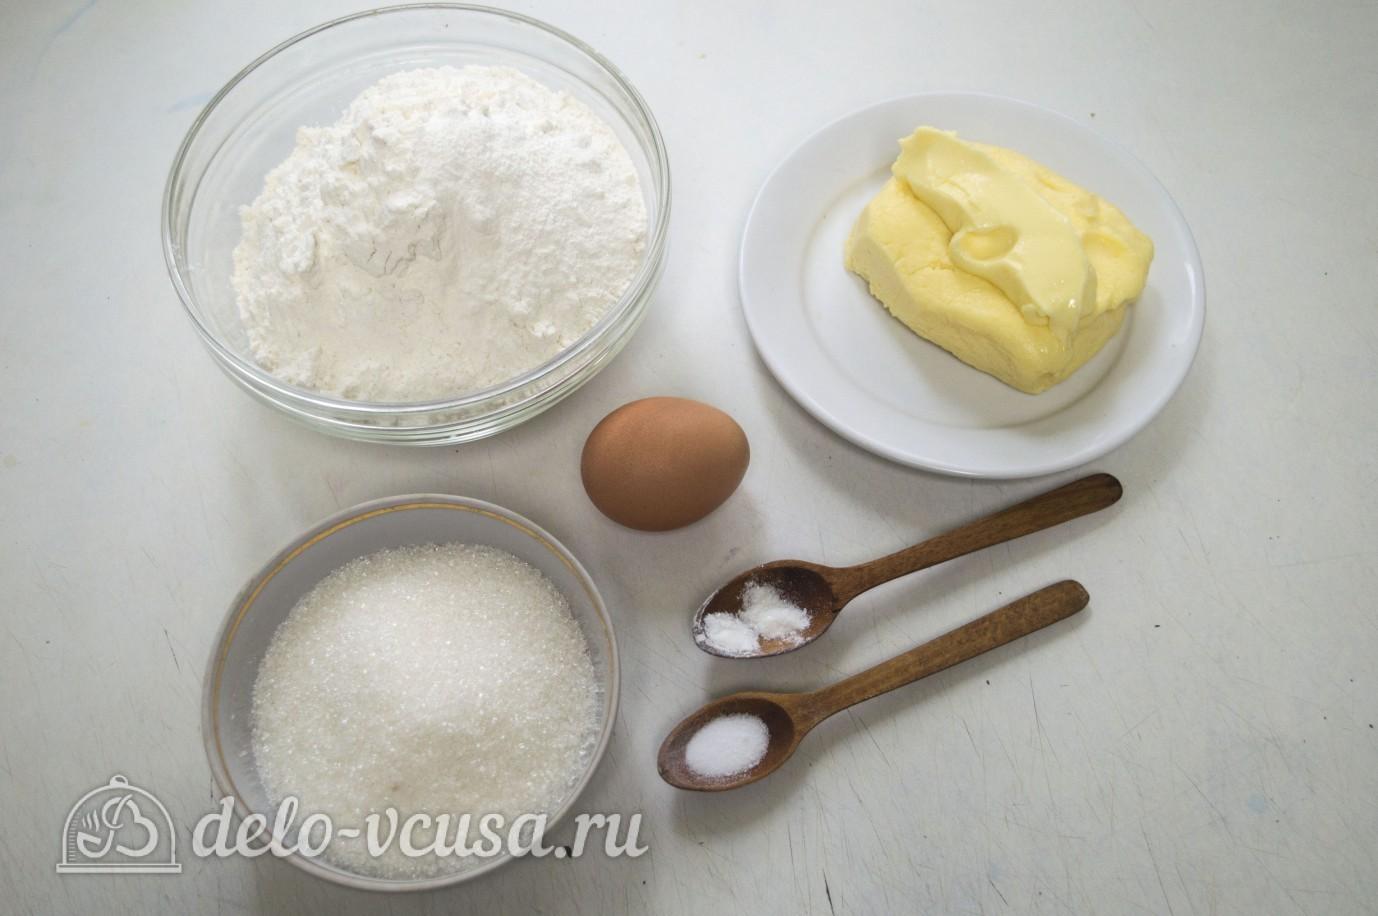 Как сварить белую глазурь. Рецепты 35